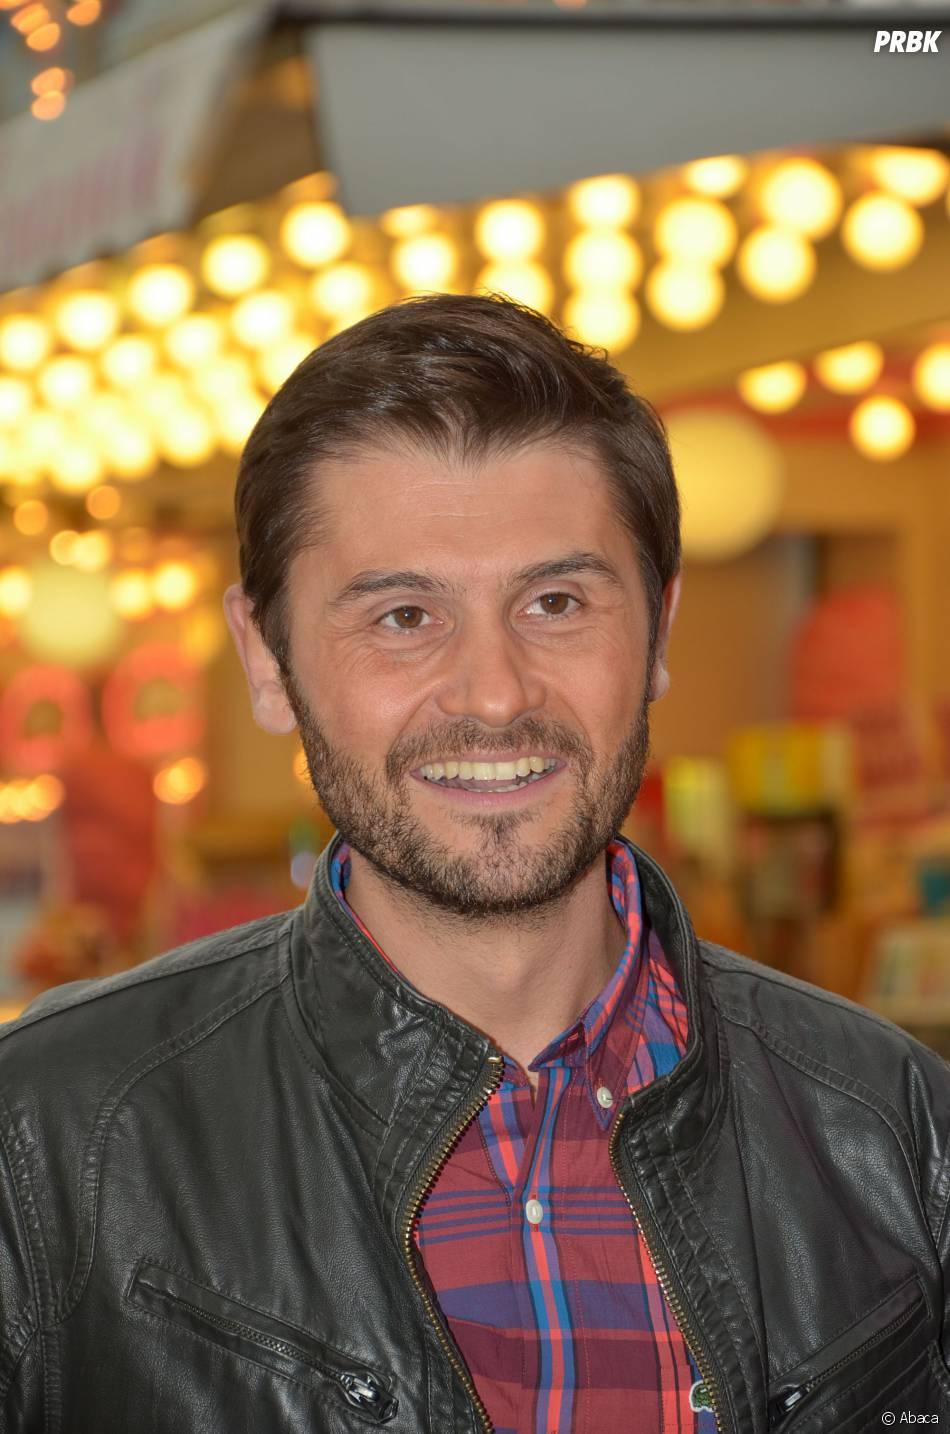 Christophe Beaugrand dans le top 5 des animateurs les plus présents en prime en 2013-2014 selon Puremédias